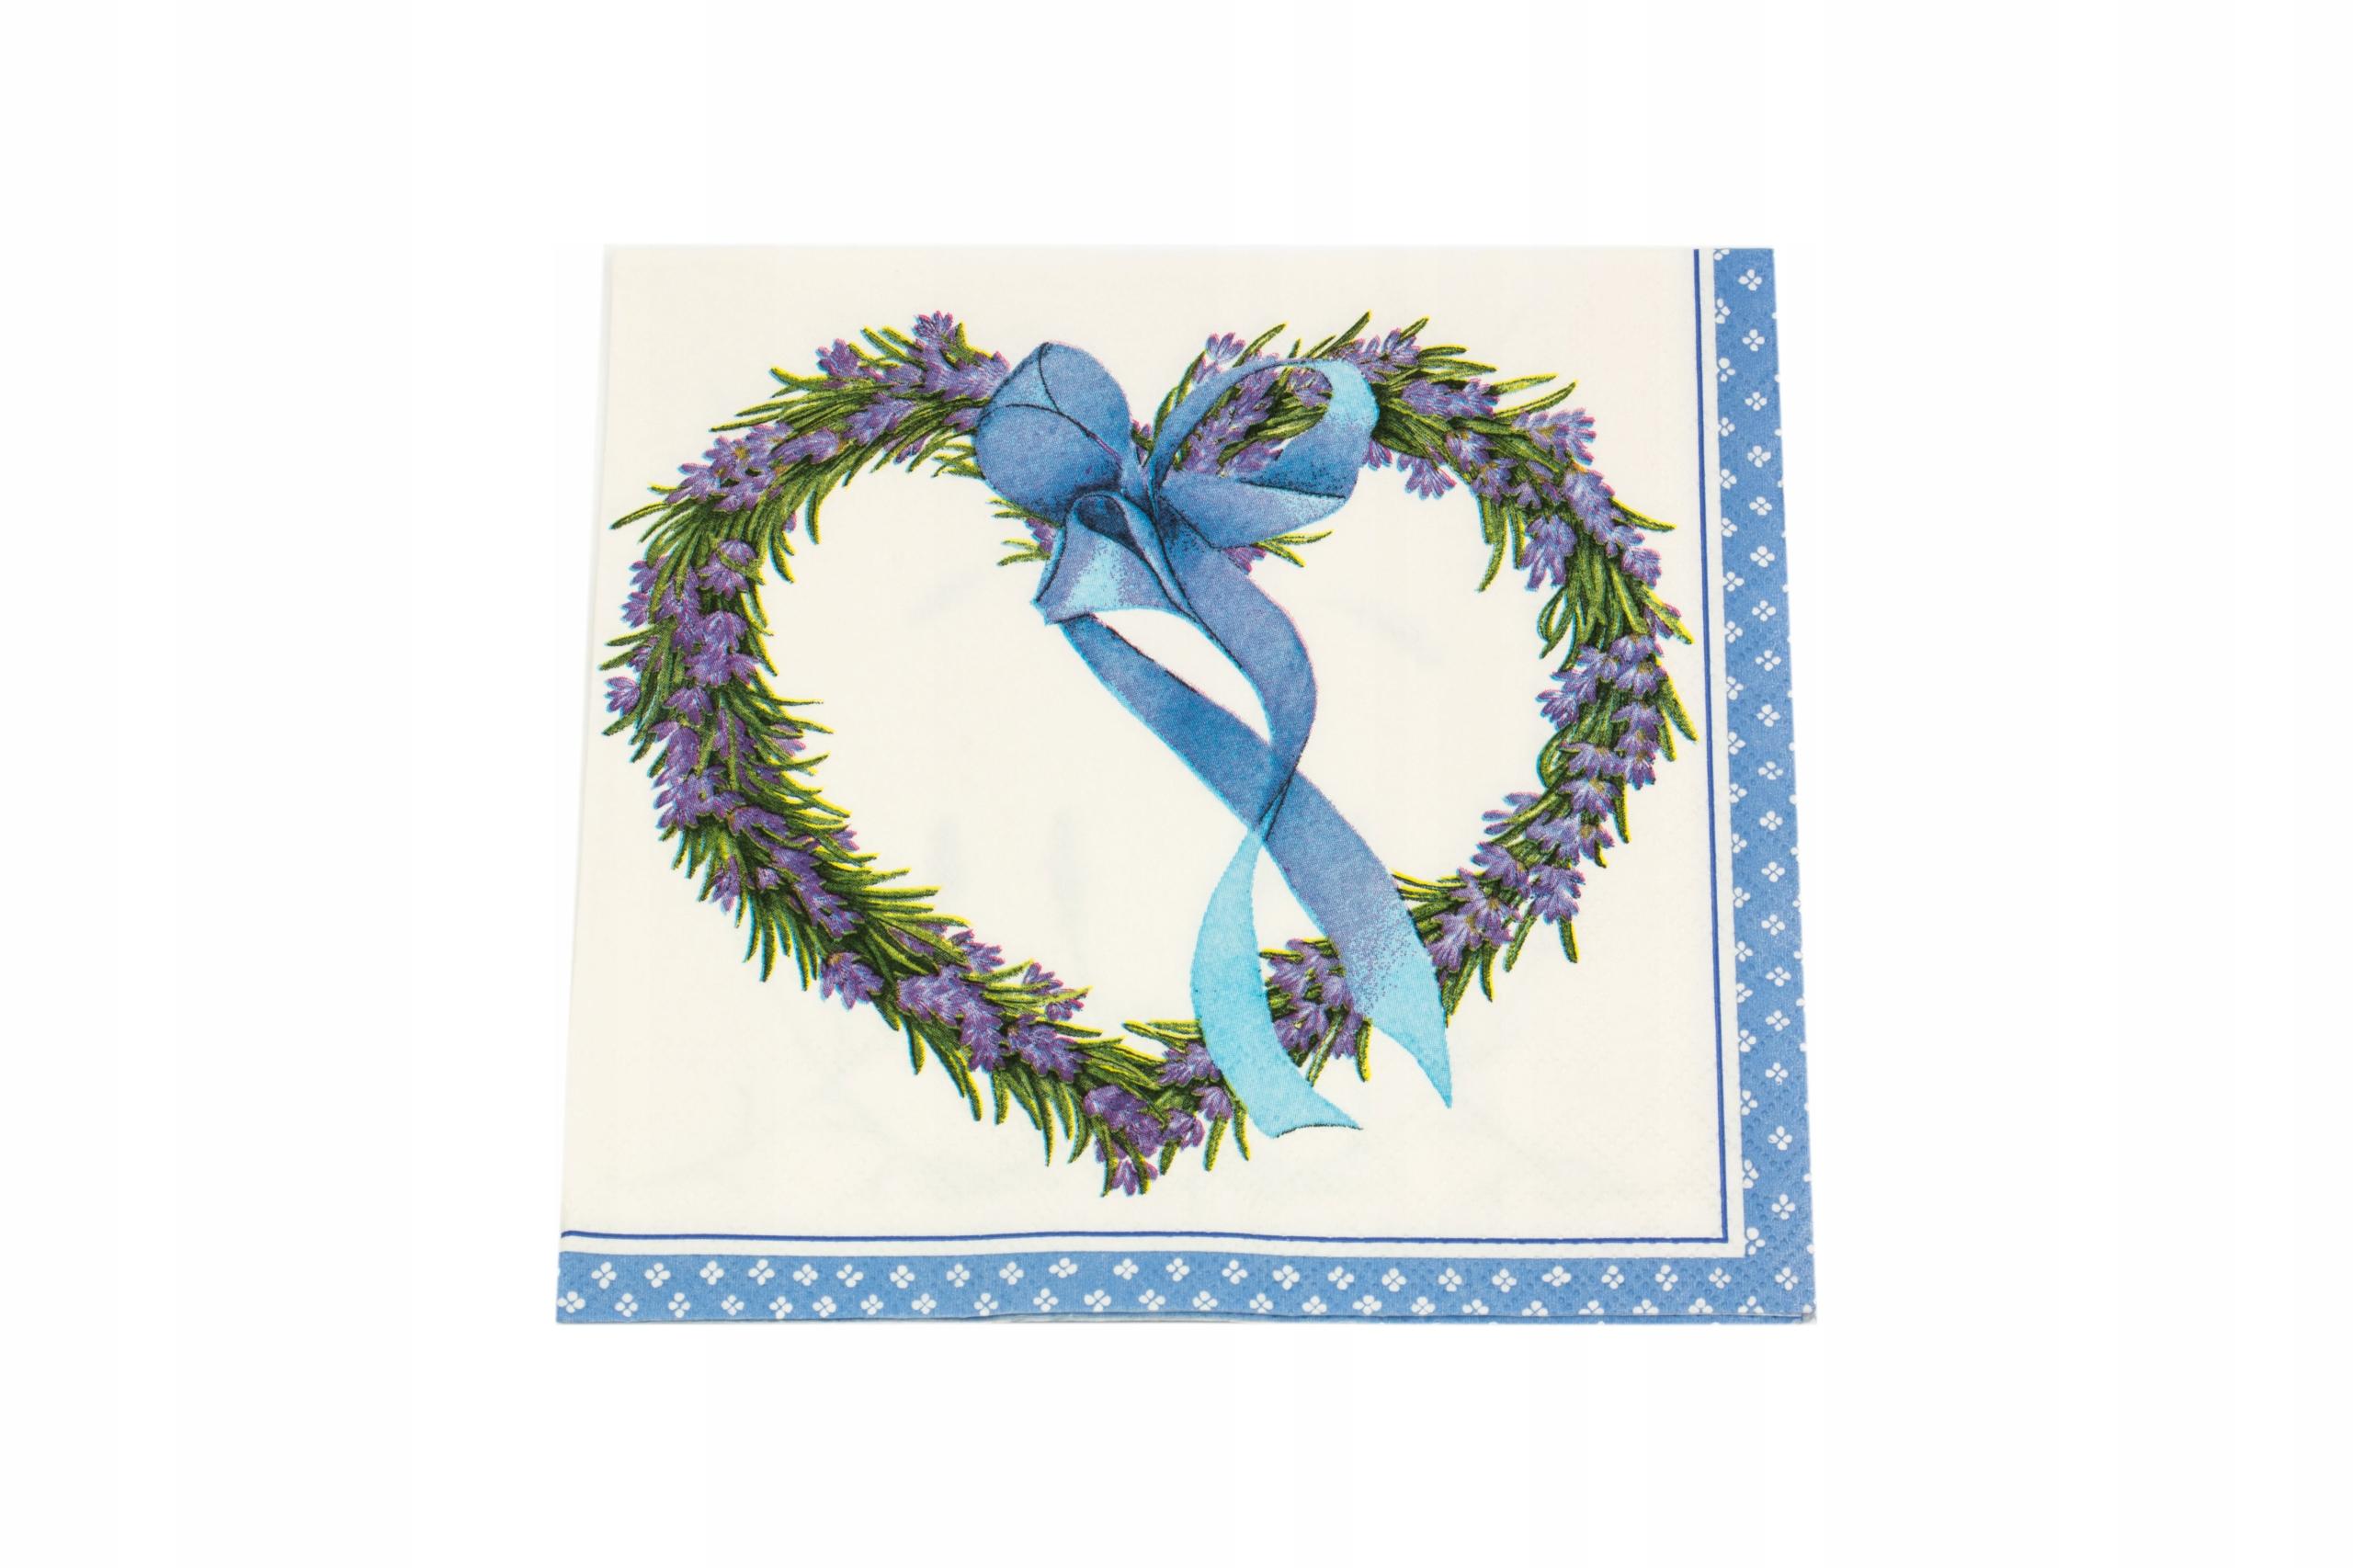 Салфетки для декупажа, набор из 3-х Лавандовых сердечек